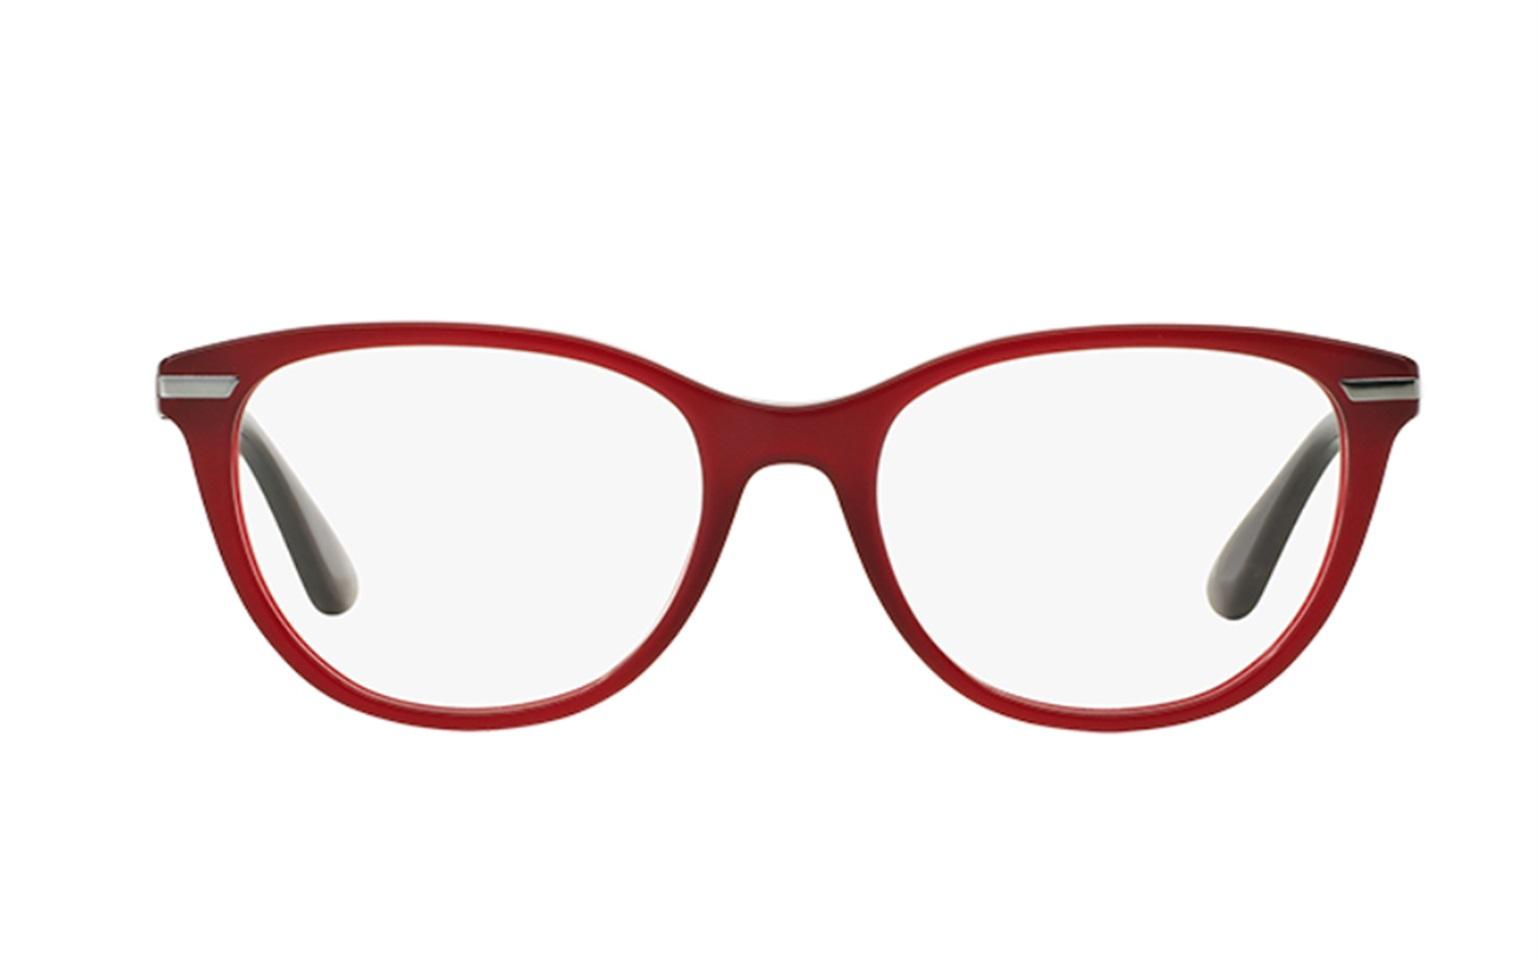 occhiali da vista come sceglierli in base alla forma del